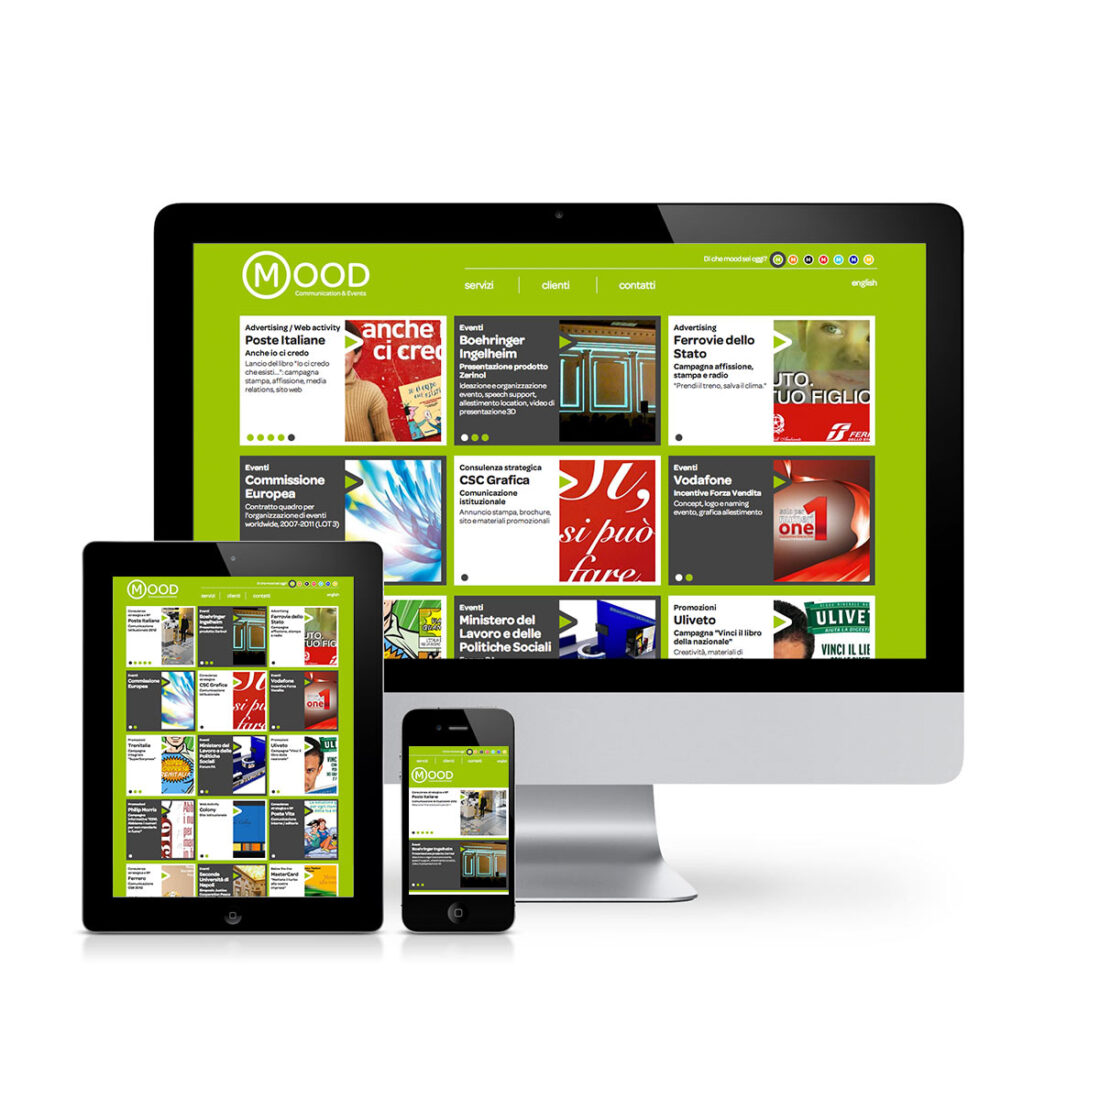 Schermo desktop, tablet e mobile con homepage del sito web per Mood Communication & Events